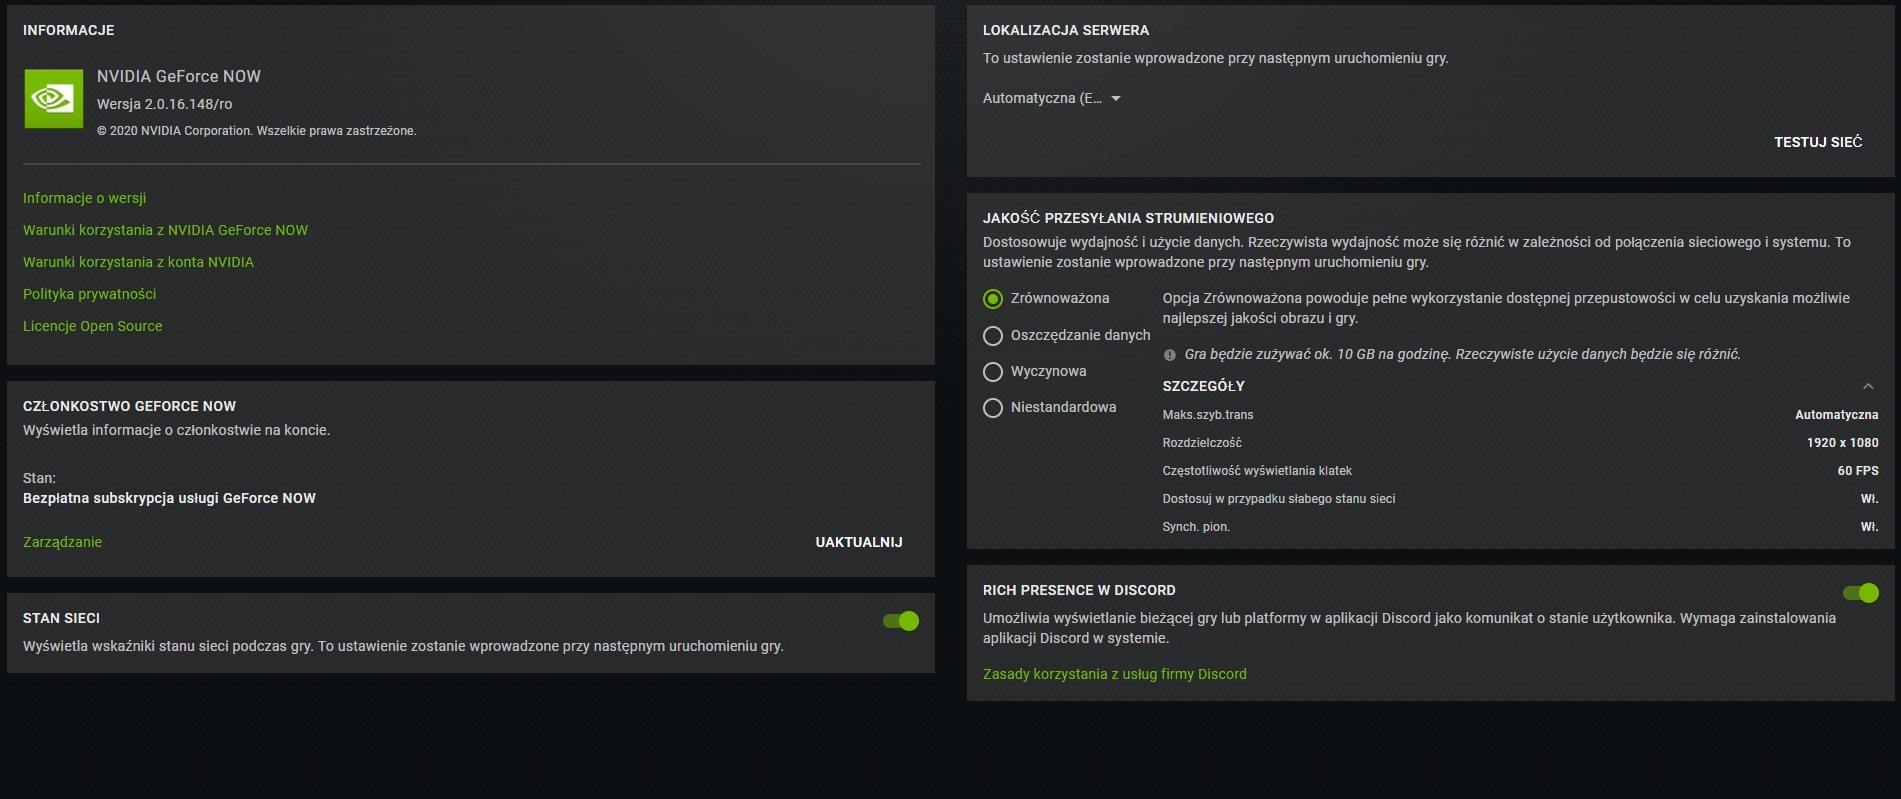 GeForce NOW parametry lacza ustawienia strumieniowania